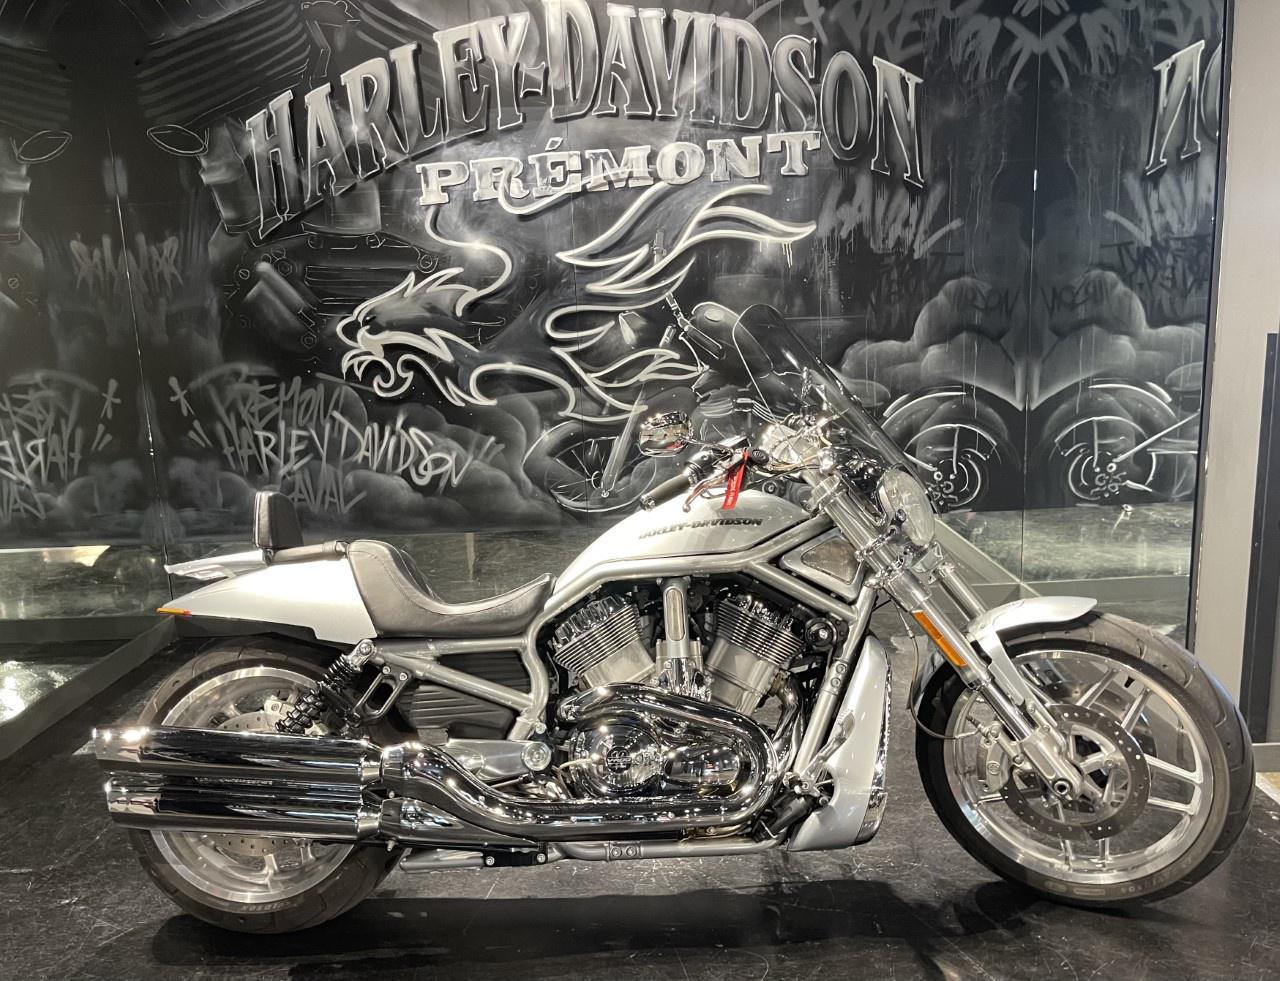 Harley-Davidson V-ROD VRSCDX 2012